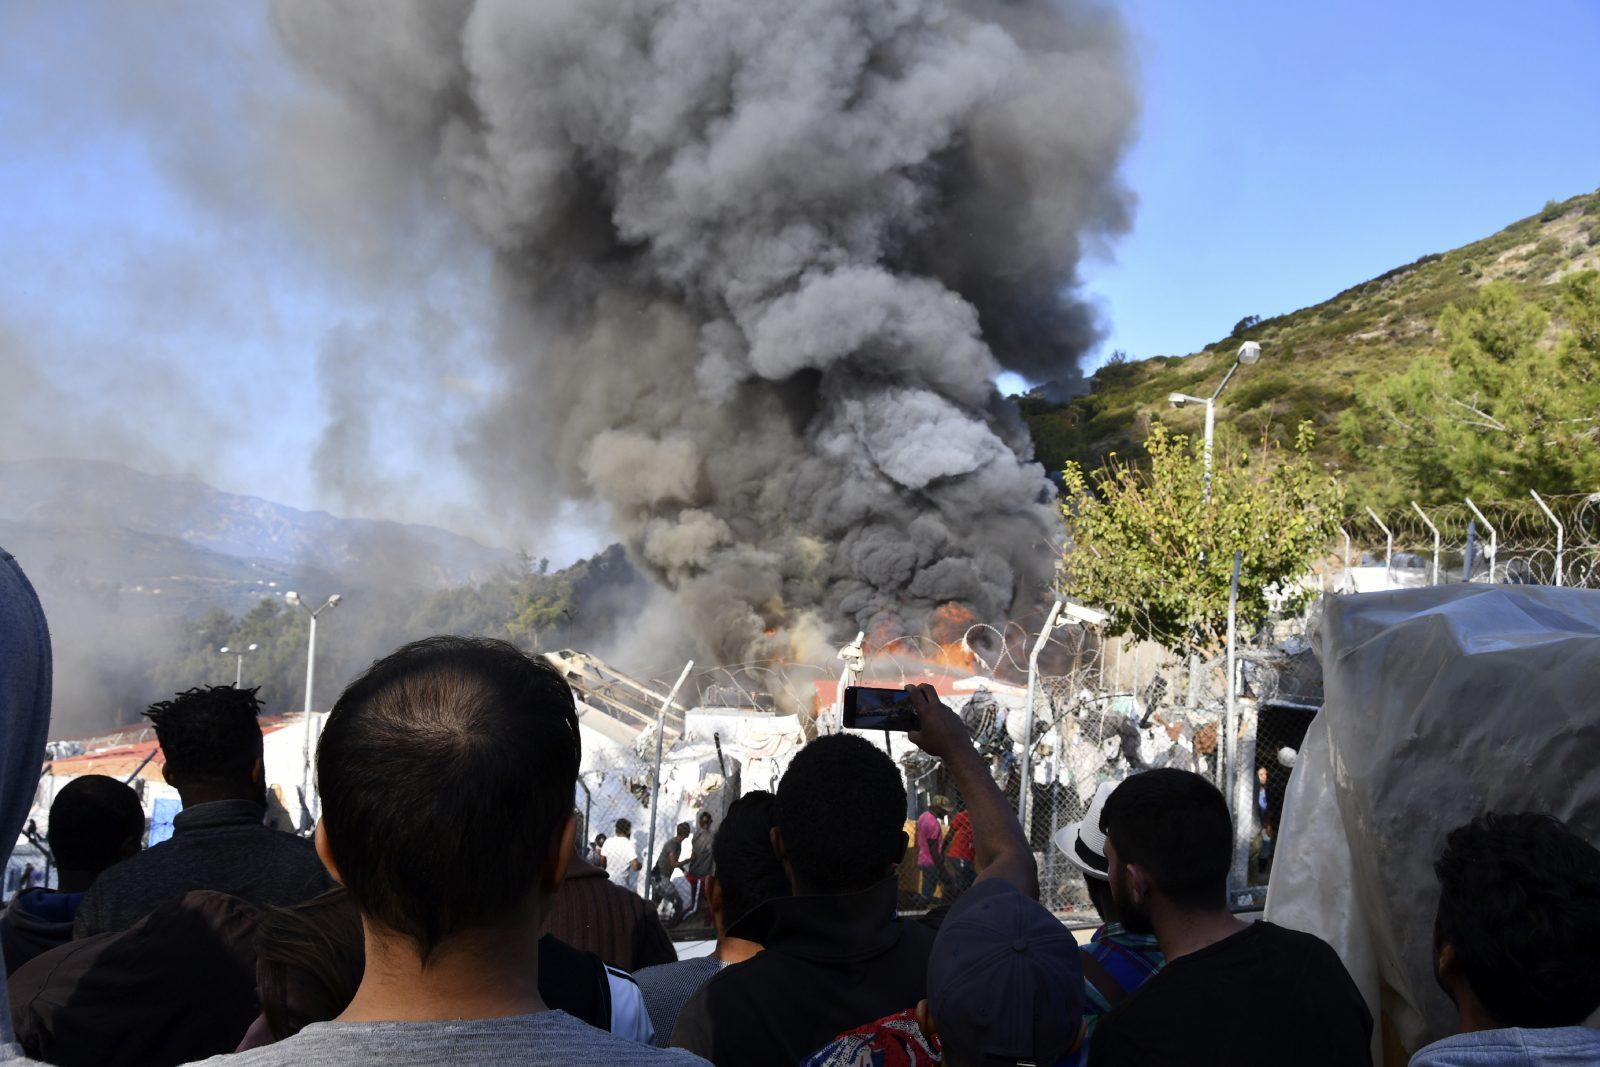 Rauch steigt auf über dem Brand im Flüchtlingslager auf Samos Foto: picture alliance / AP Photo